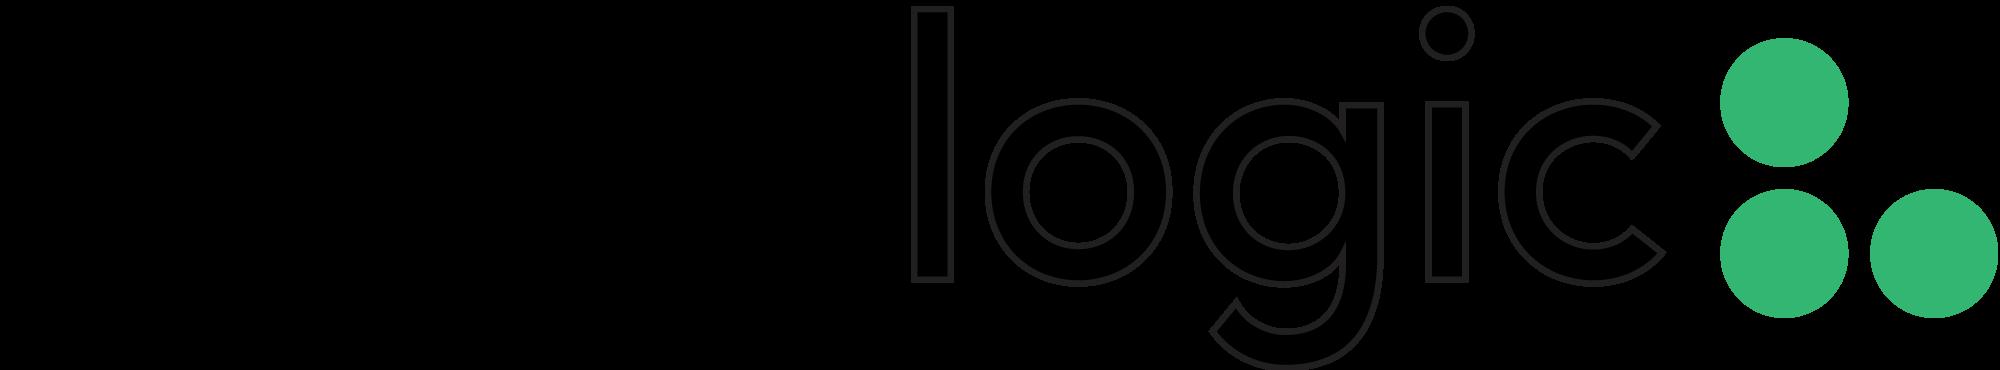 Listing-Logic-Logo-2000px.png